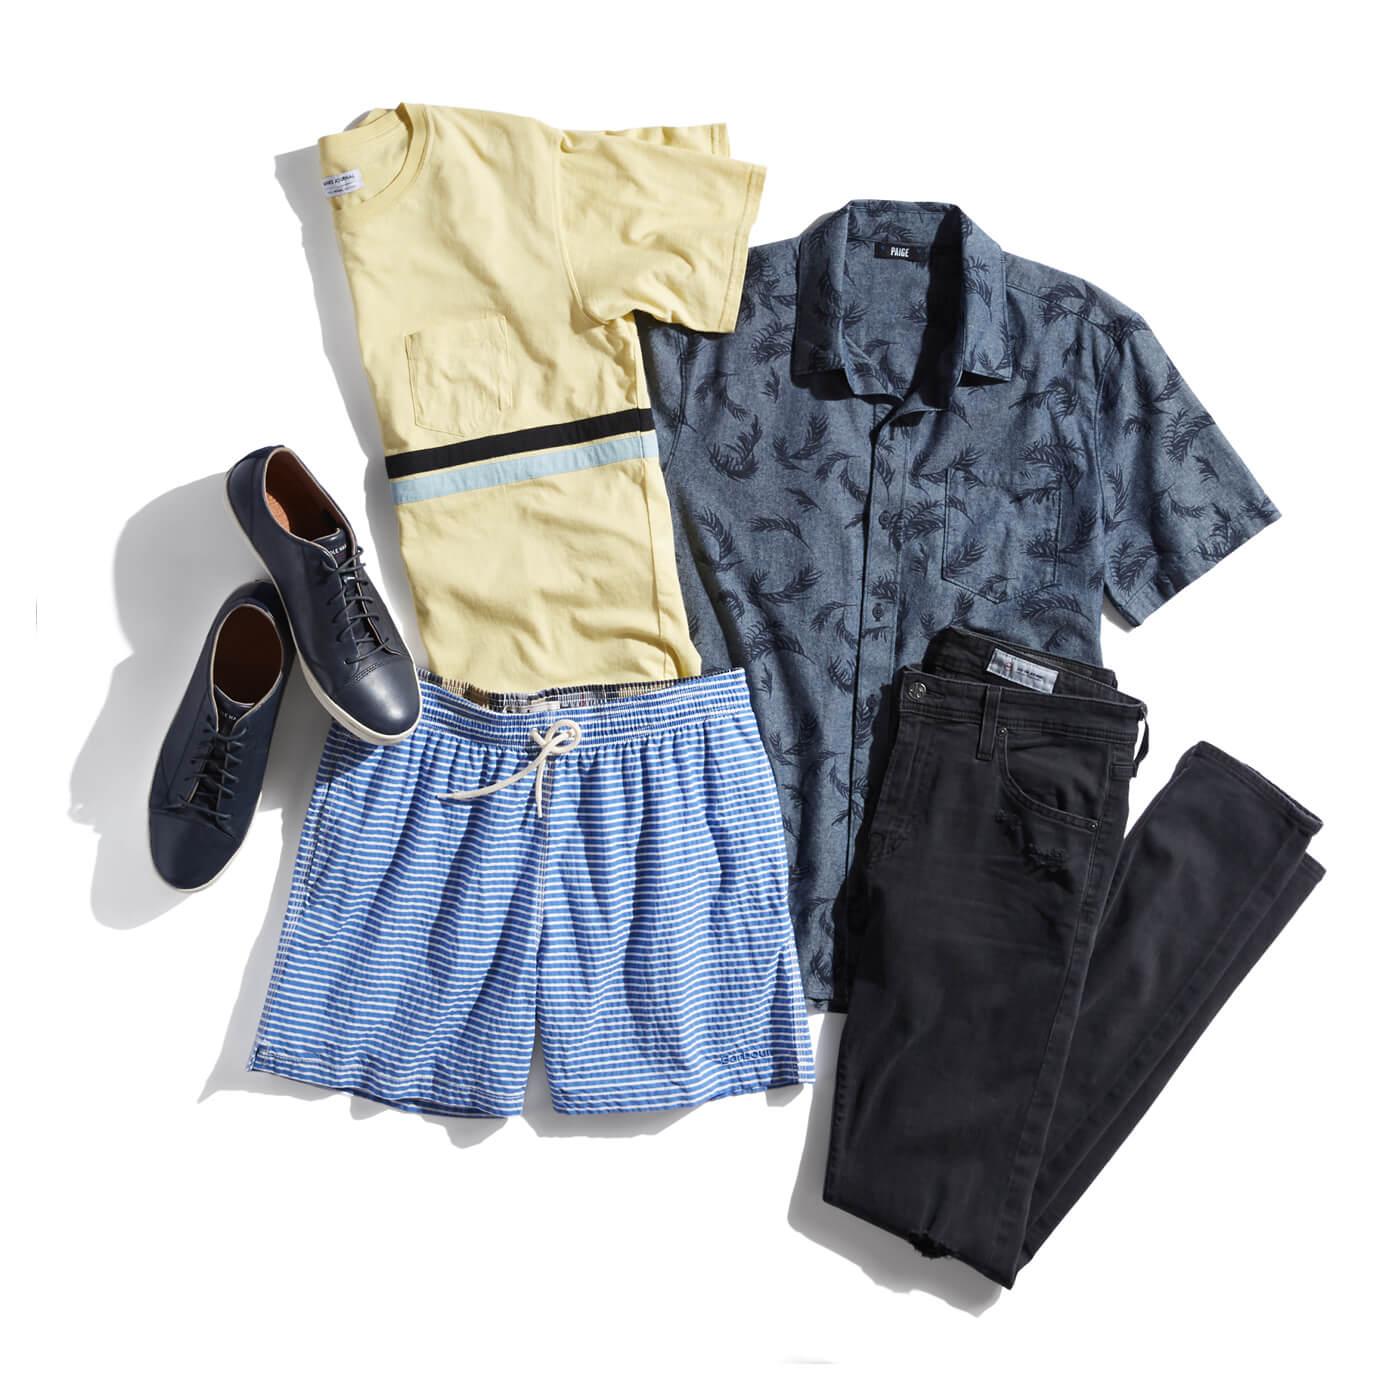 10 Tips for Summer Dressing